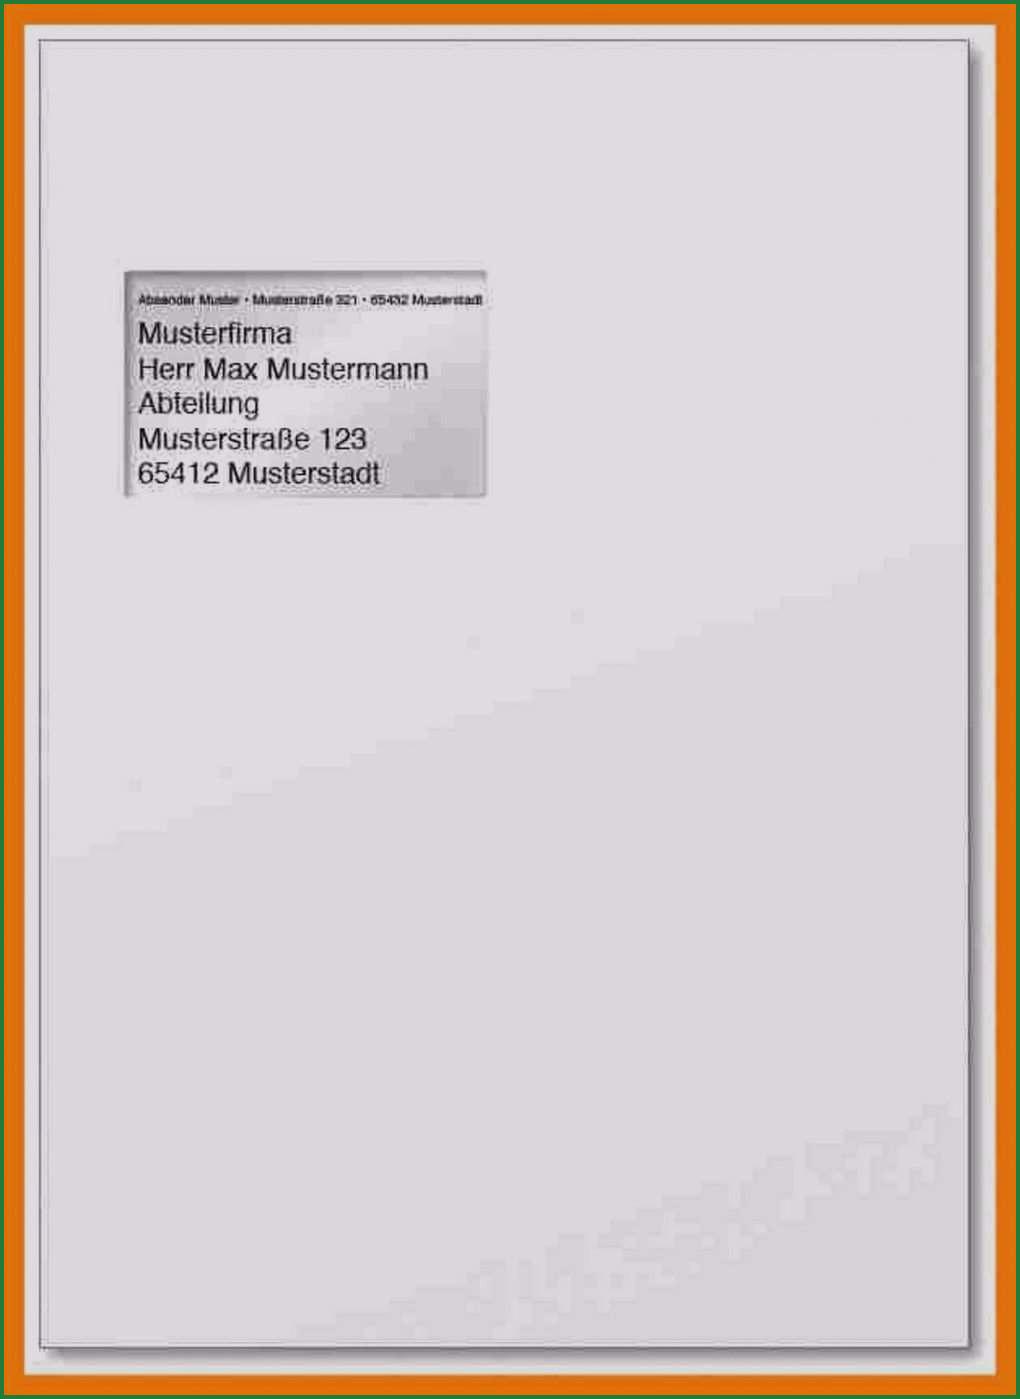 Briefpapier Richtig Anlegen Printdesign Tutorials 10